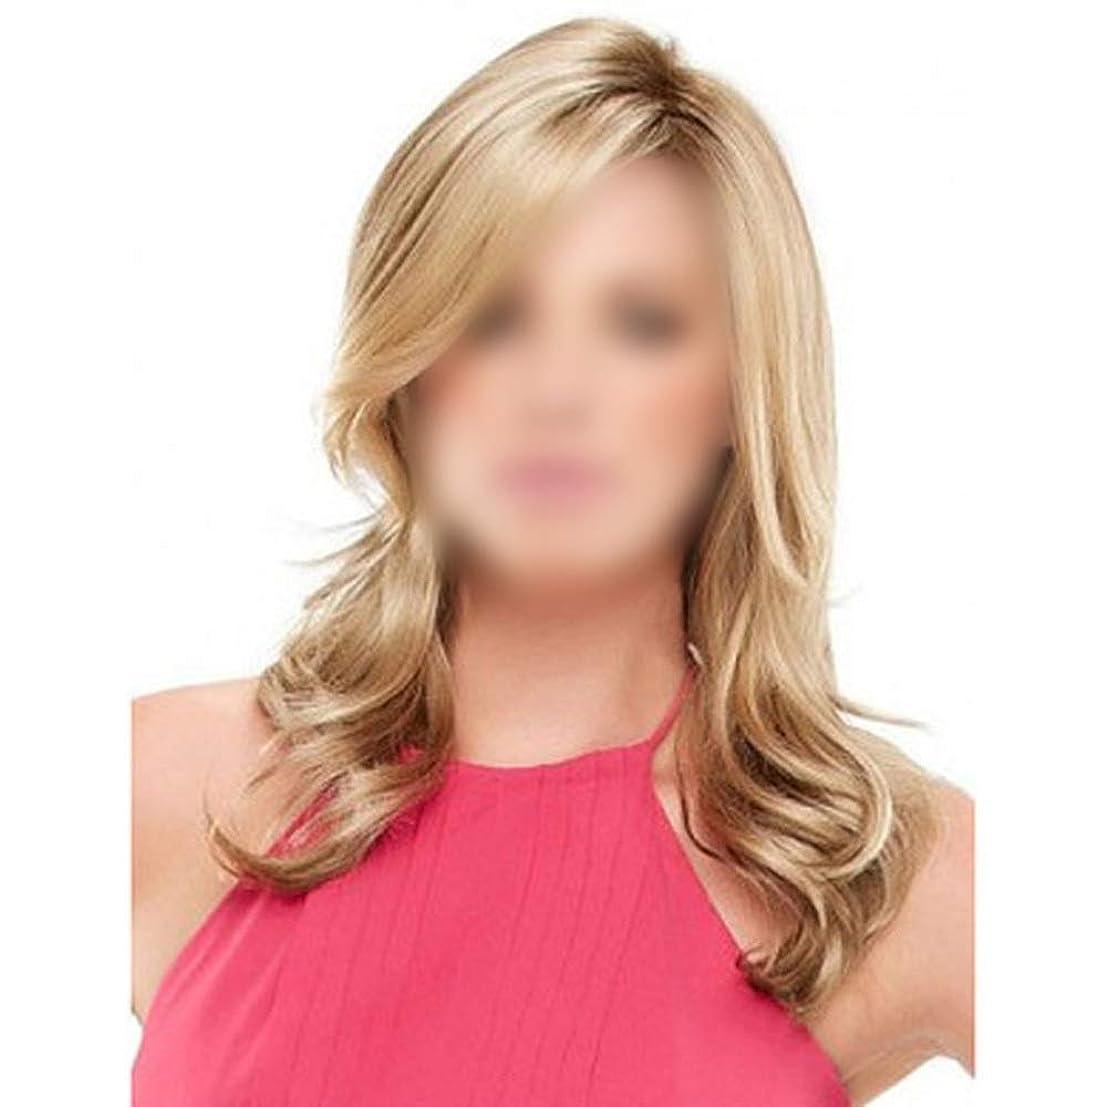 差別抑圧者マトリックスHOHYLLYA 女性の毎日のドレスのための斜め前髪付きの長い波状の巻き毛のかつら耐熱ファイバーパーティーウィッグ (色 : Blonde, サイズ : 70cm)